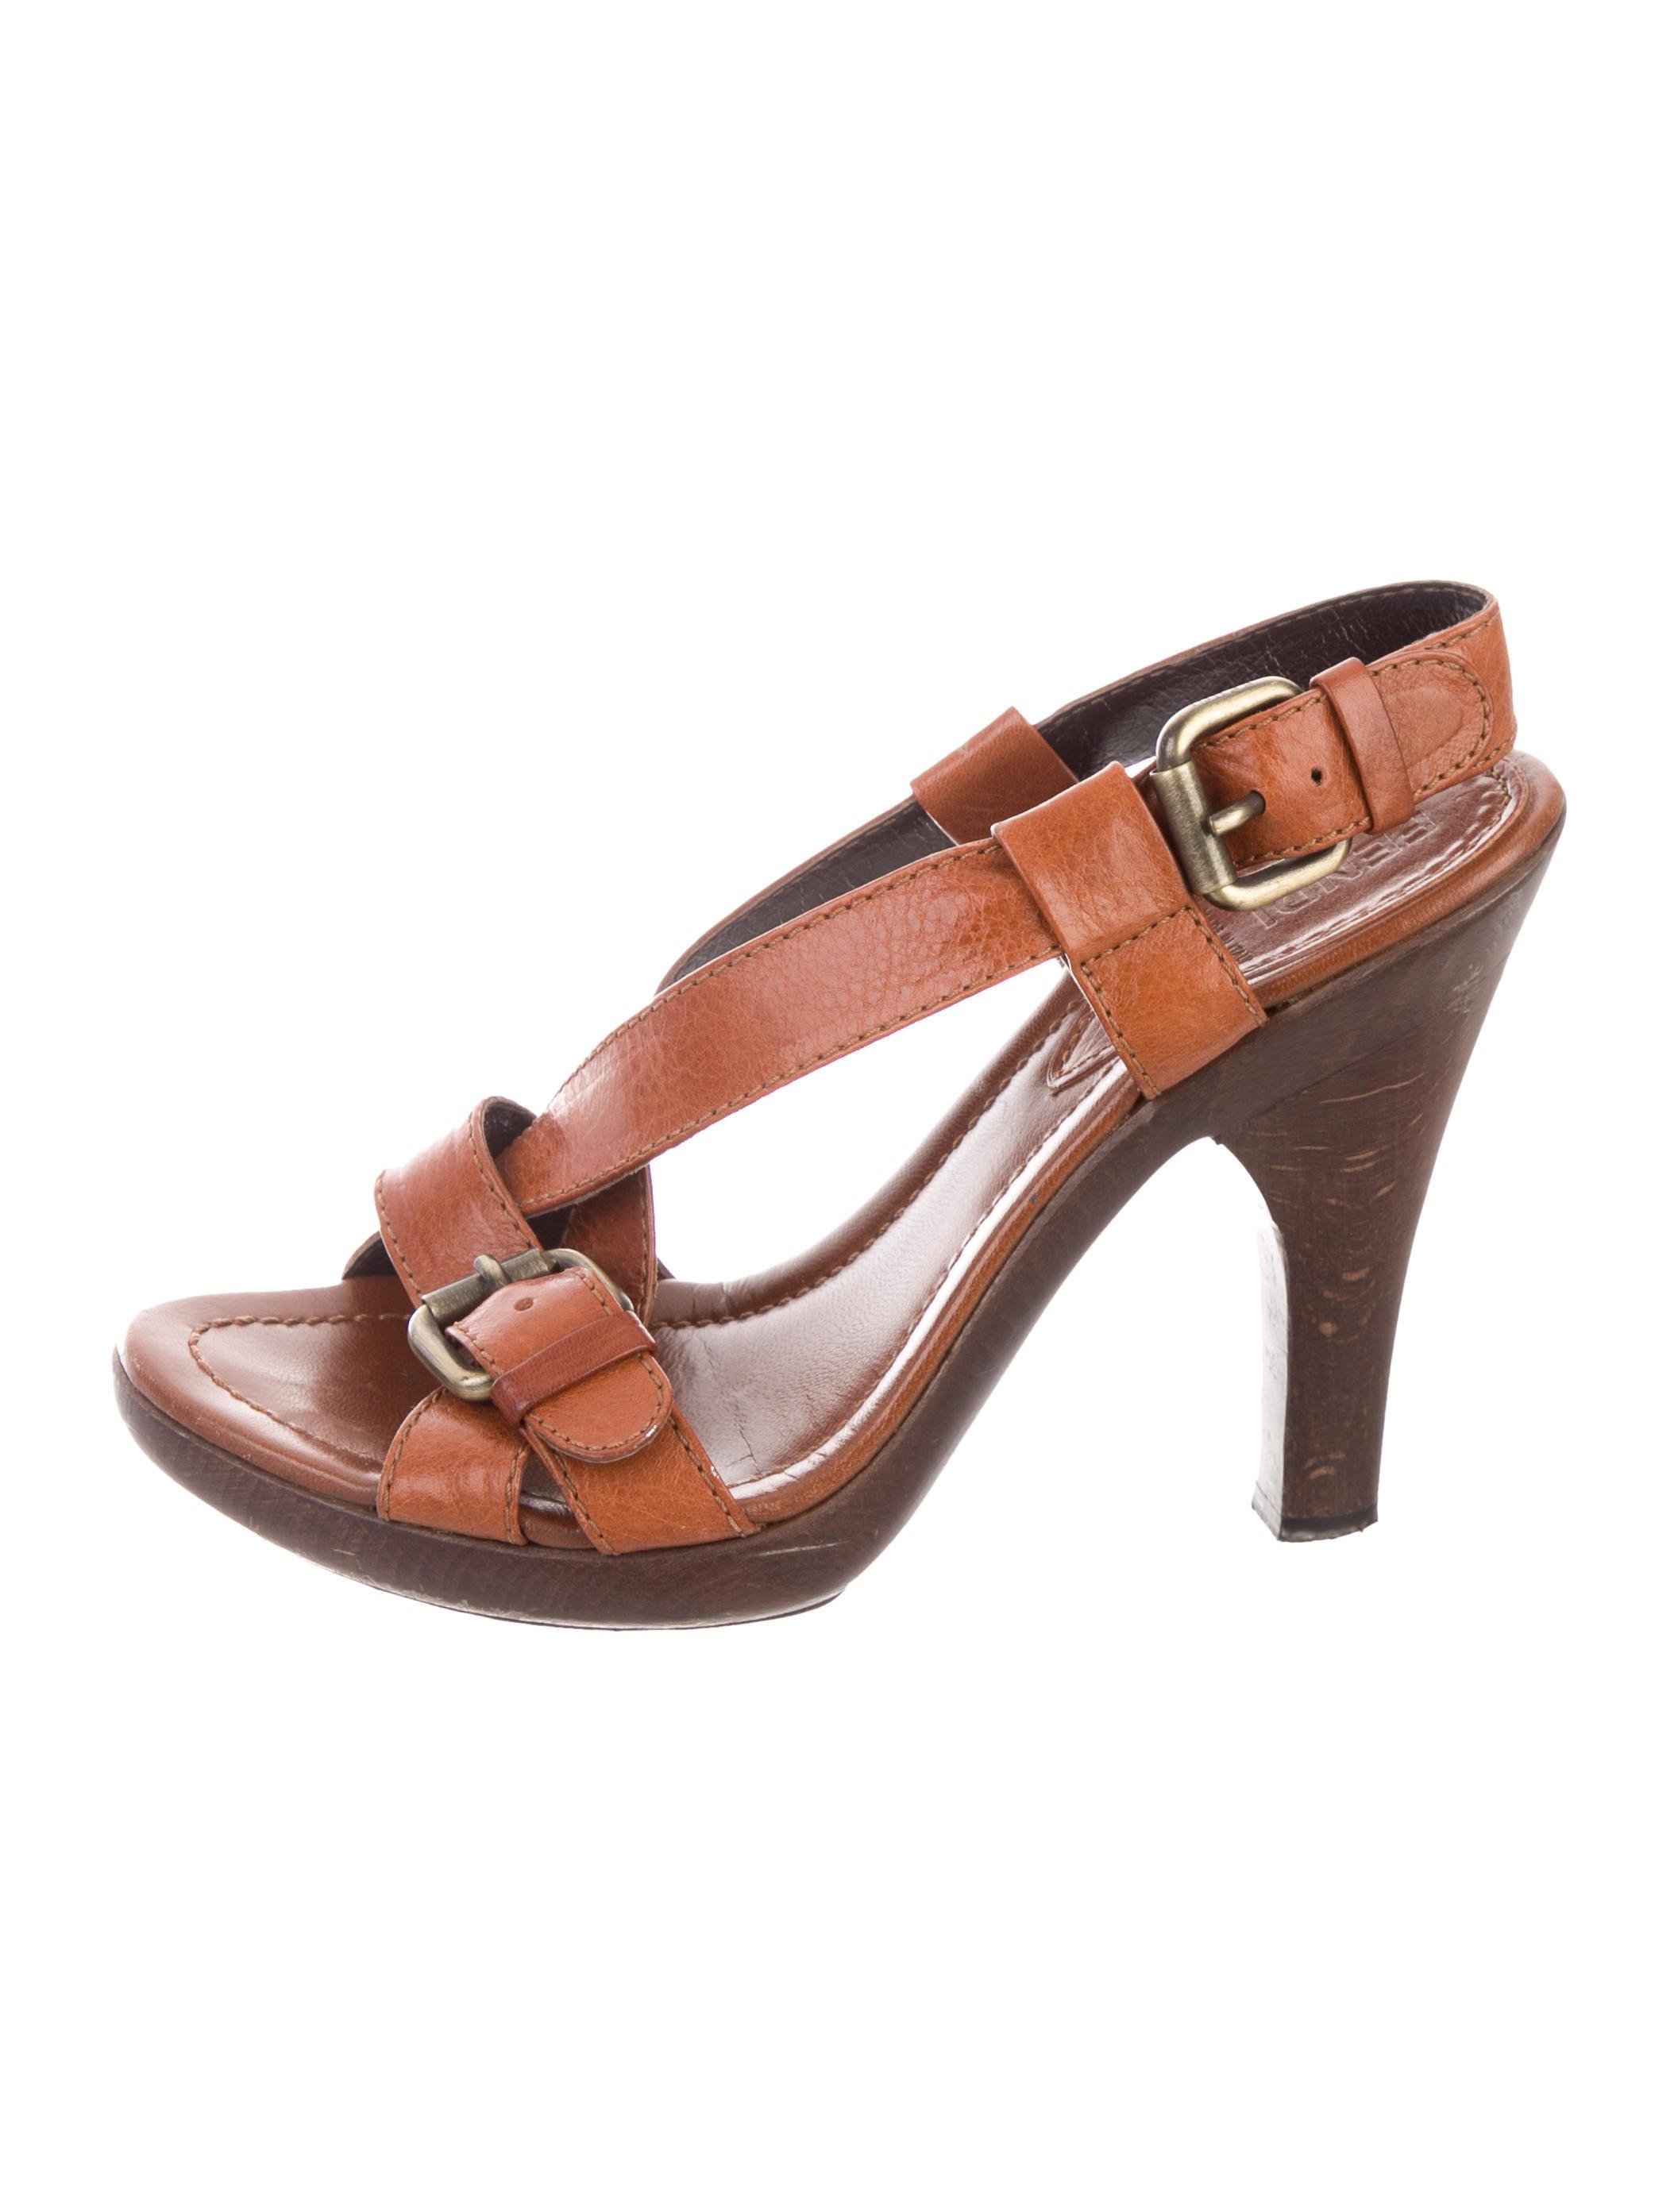 fb453a49c37 Fendi Sandals | The RealReal